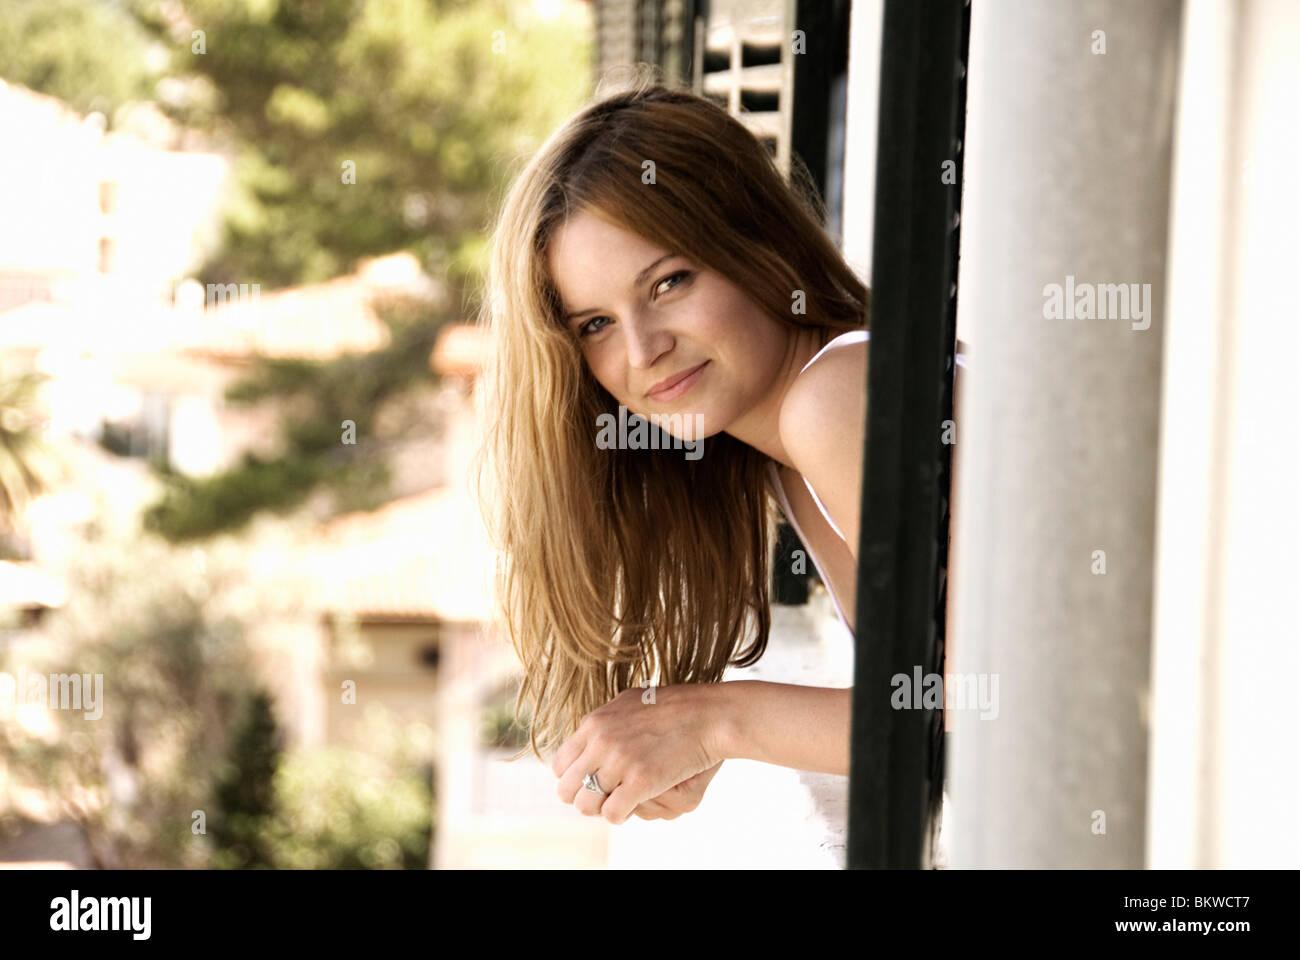 Woman in window - Stock Image